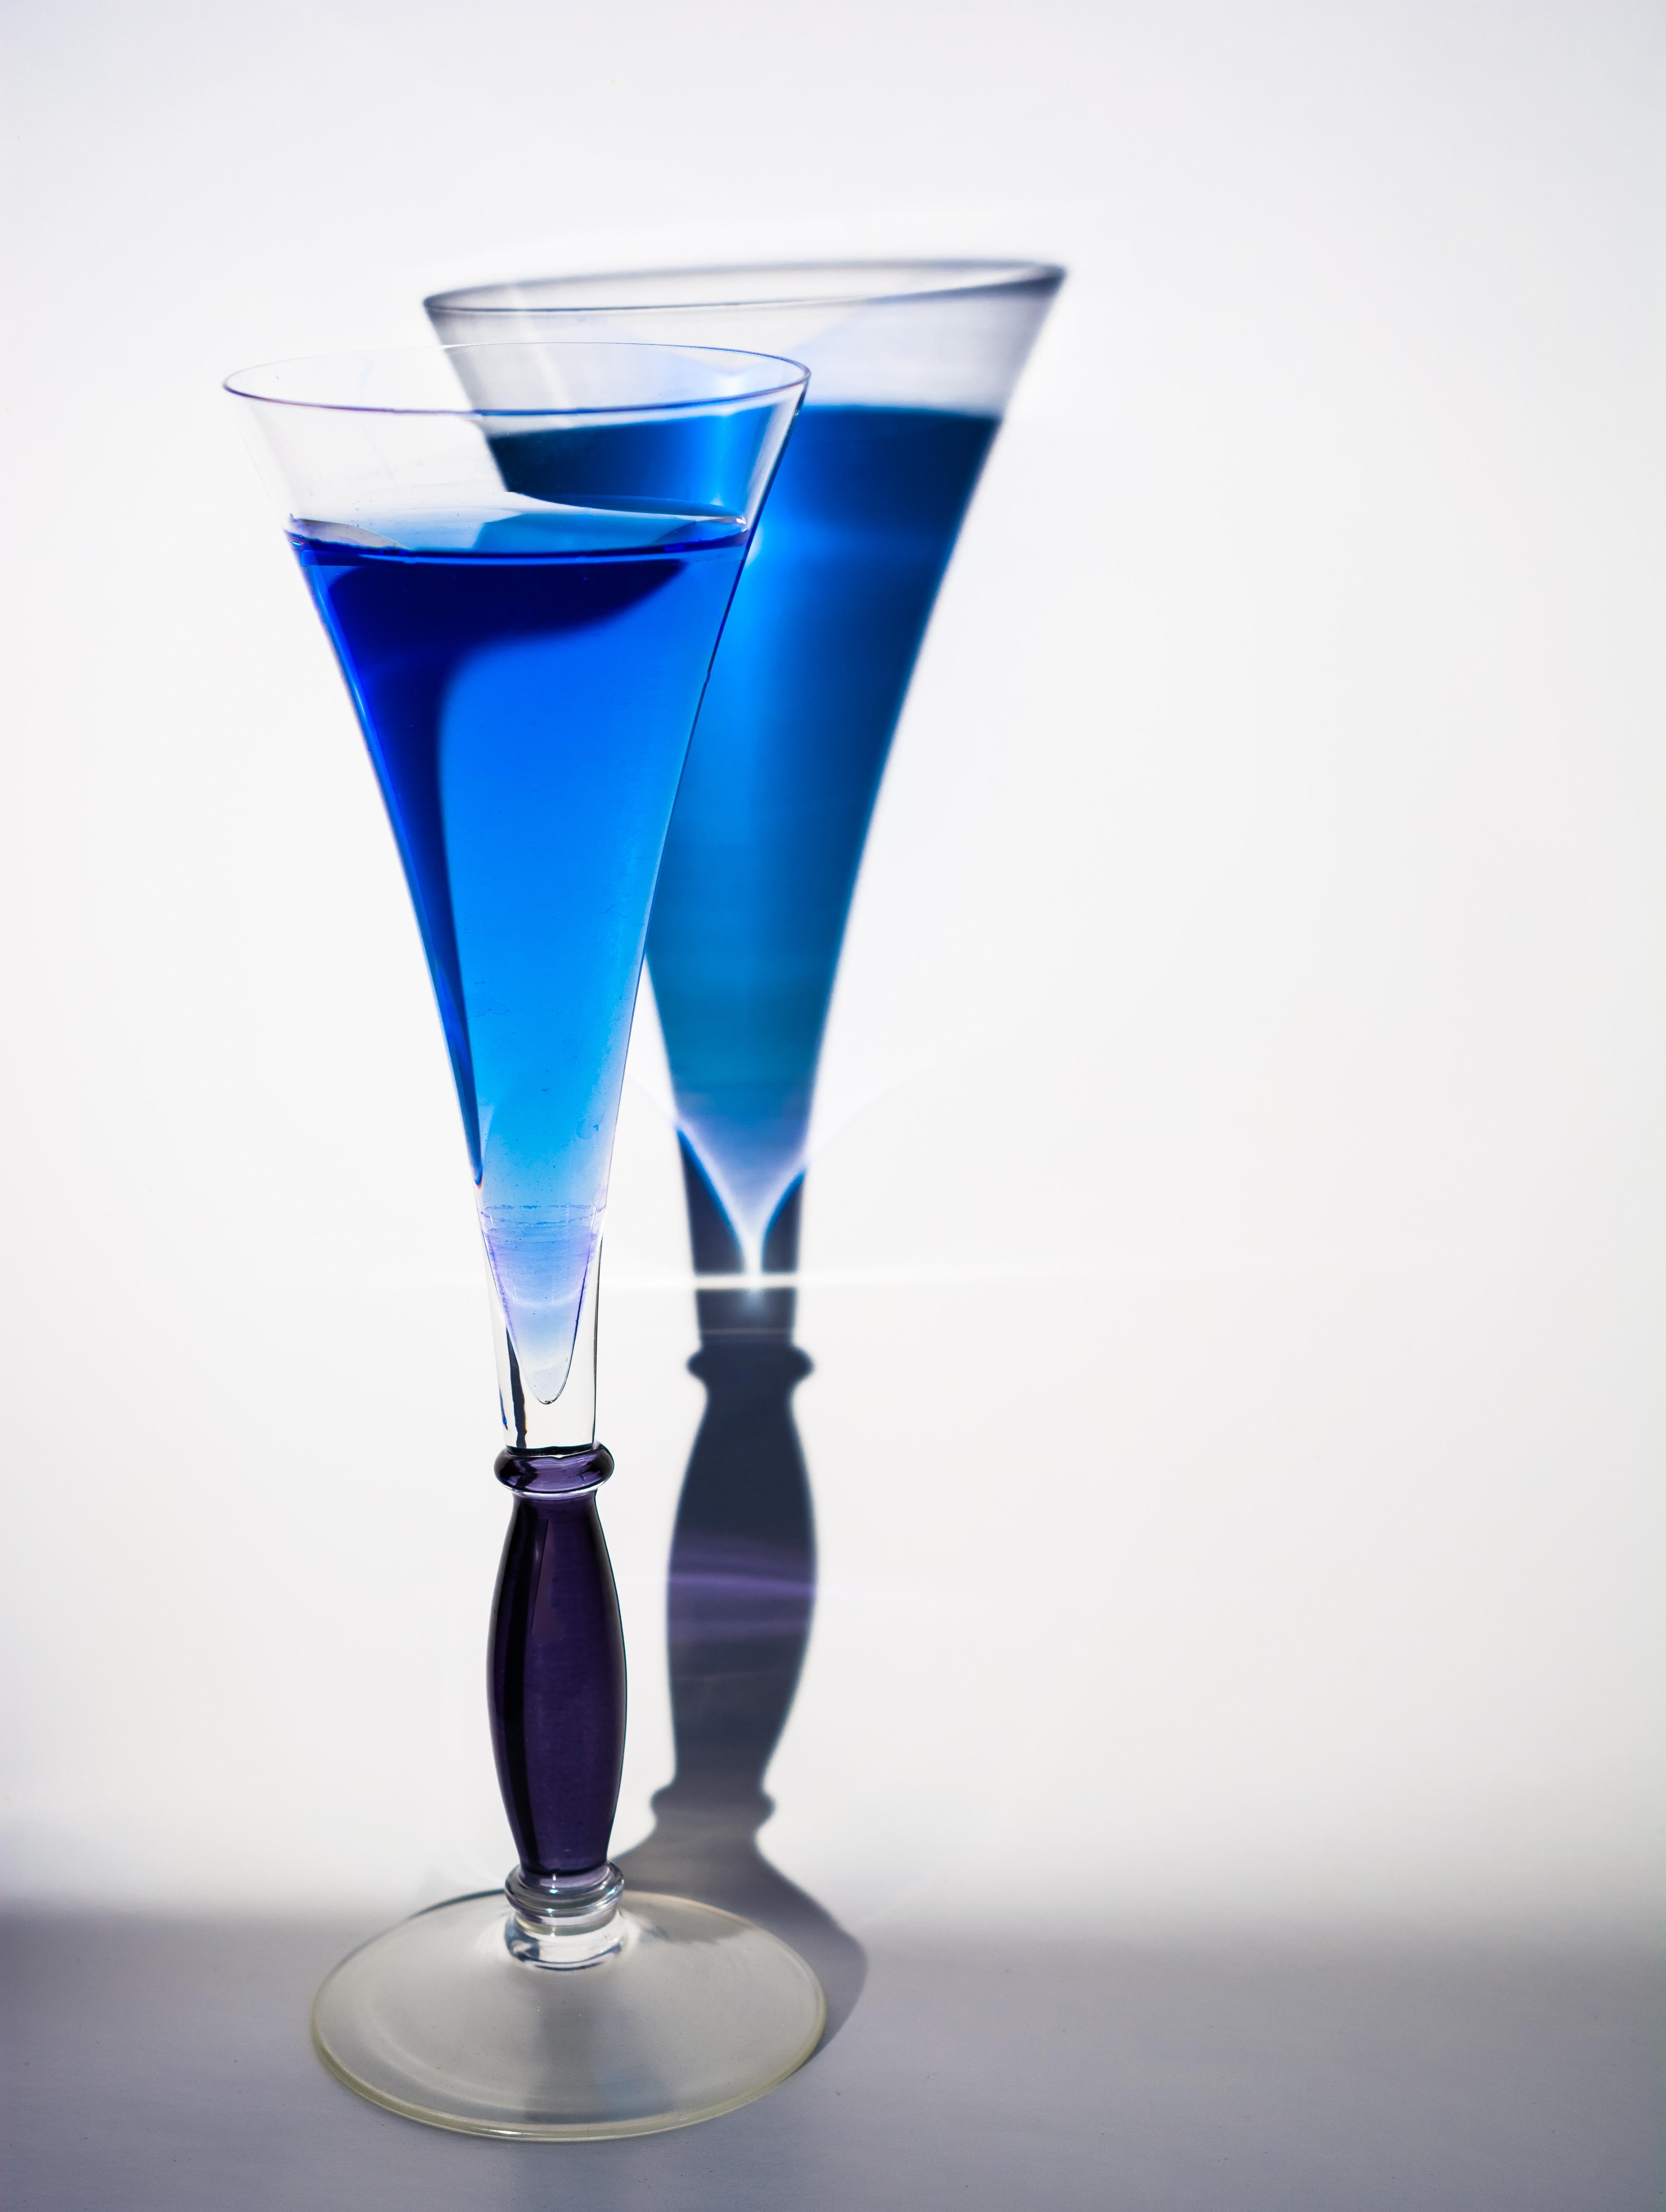 images gratuites lumi re ombre boisson cocktail martini verre de vin tasse boire. Black Bedroom Furniture Sets. Home Design Ideas